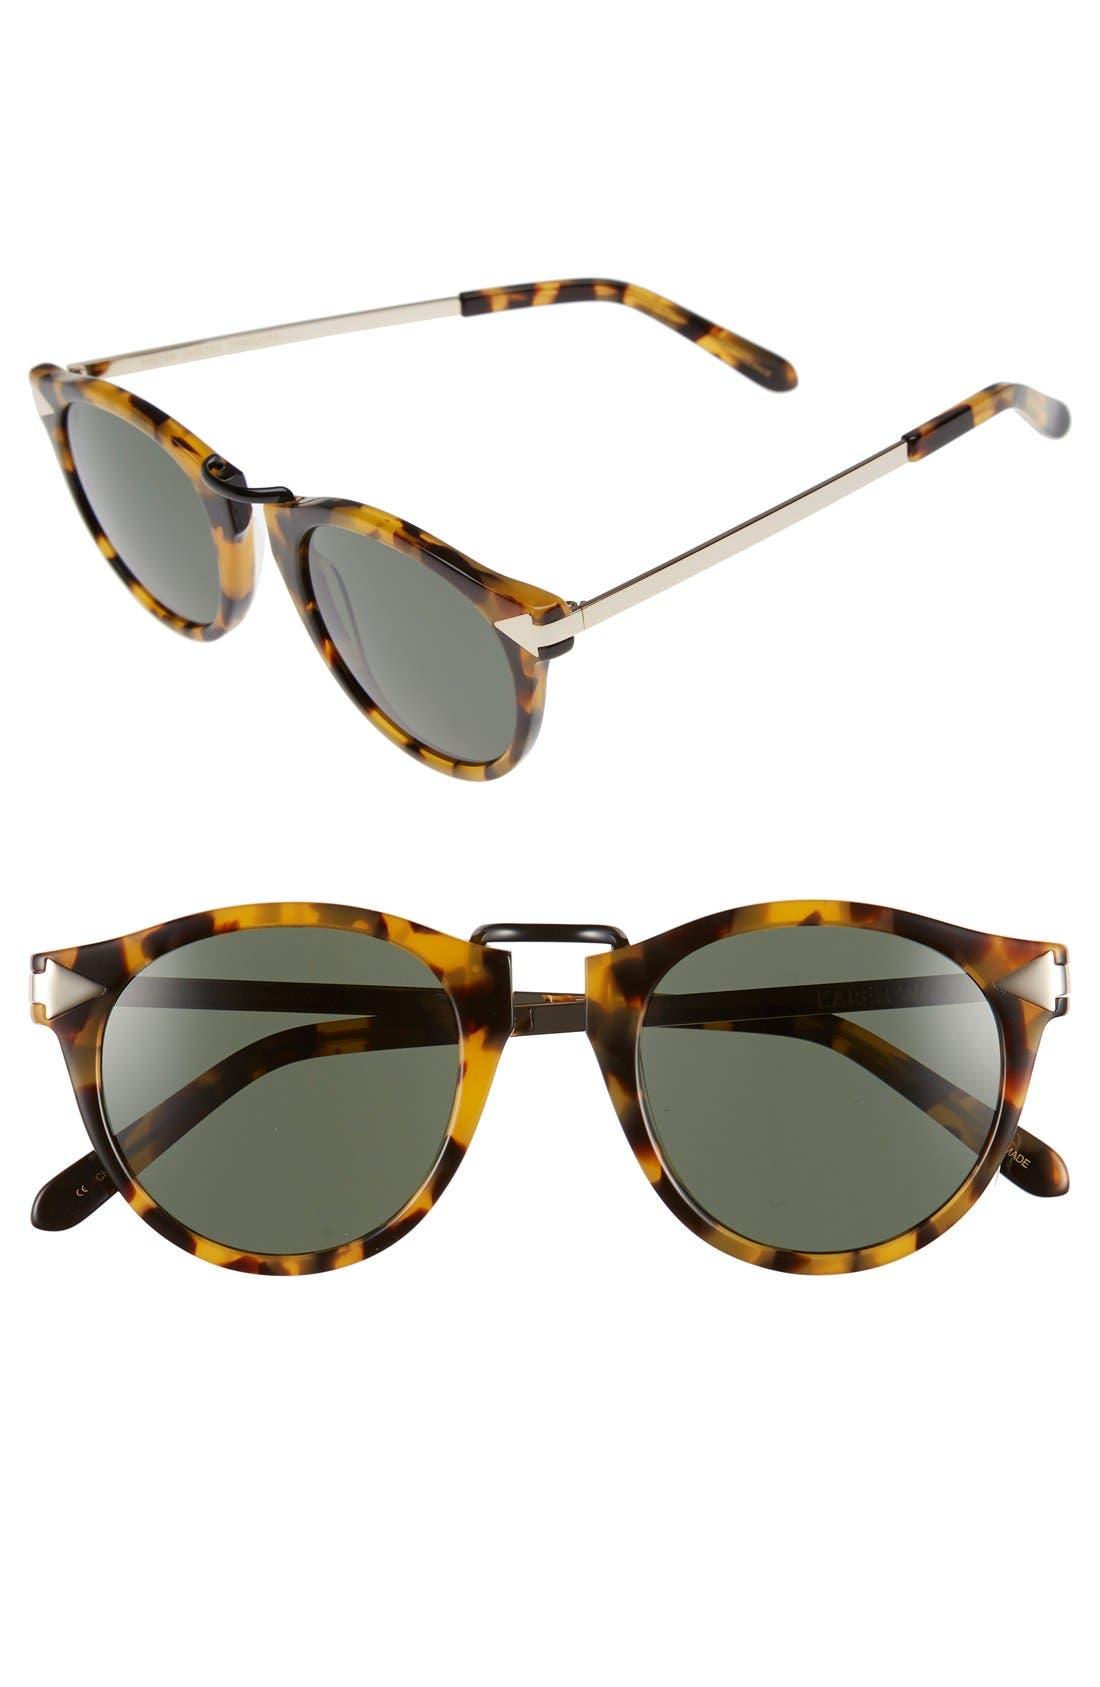 Main Image - Karen Walker 'Helter Skelter' 48mm Sunglasses